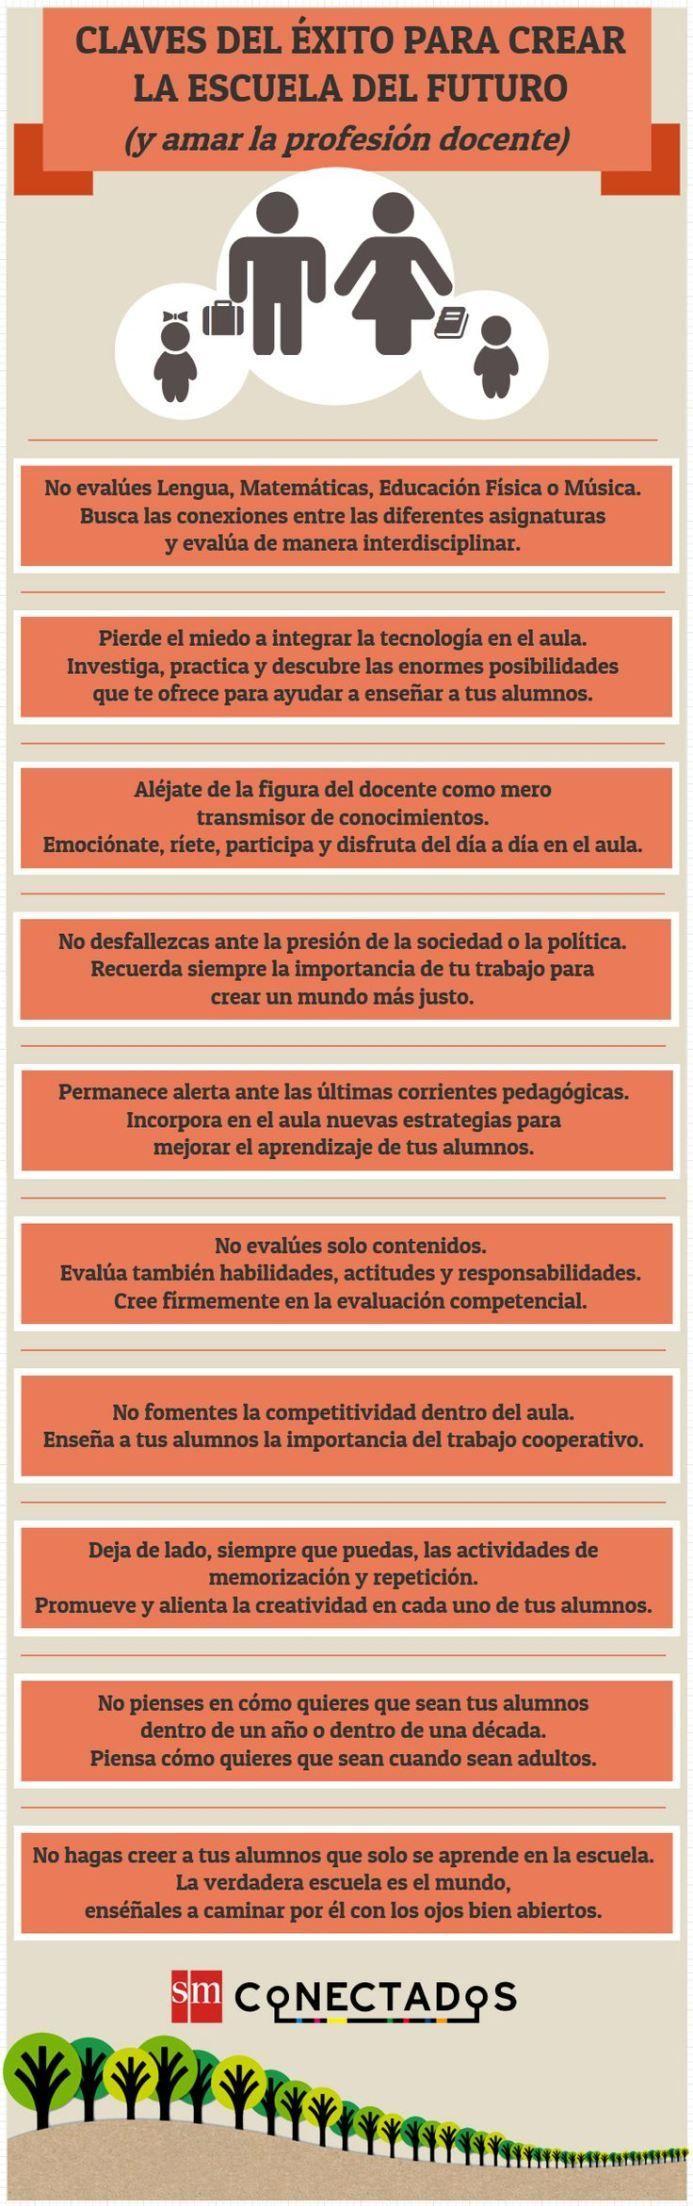 Escuela del Futuro - 10 Claves de Éxito   #Infografía #Educación